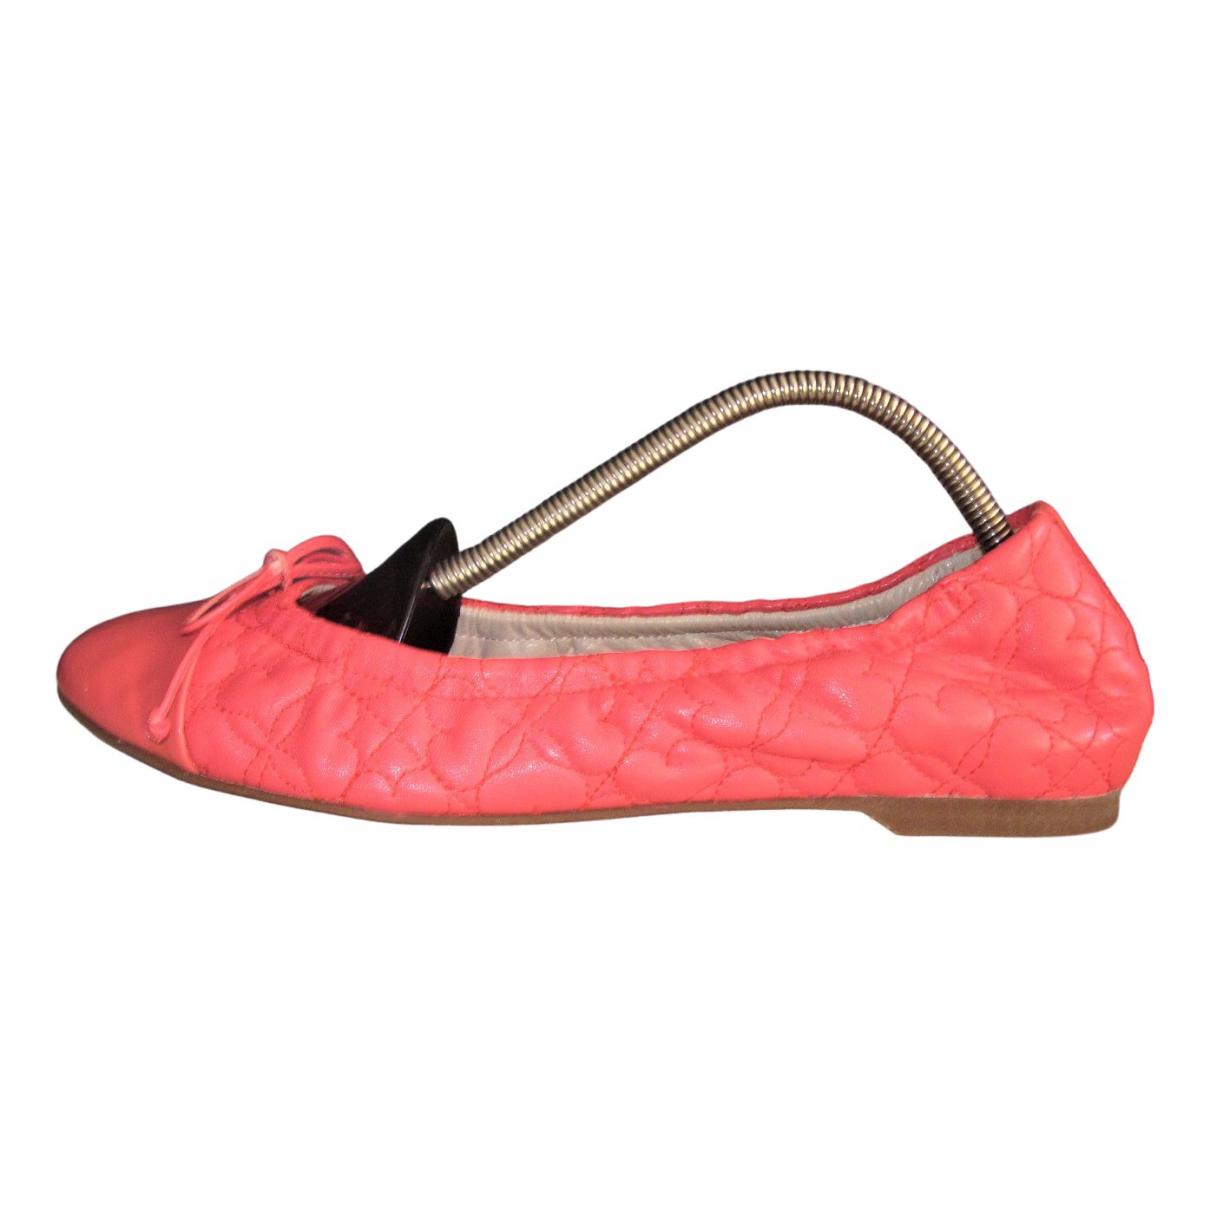 Lk Bennett \N Pink Leather Ballet flats for Women 37 EU